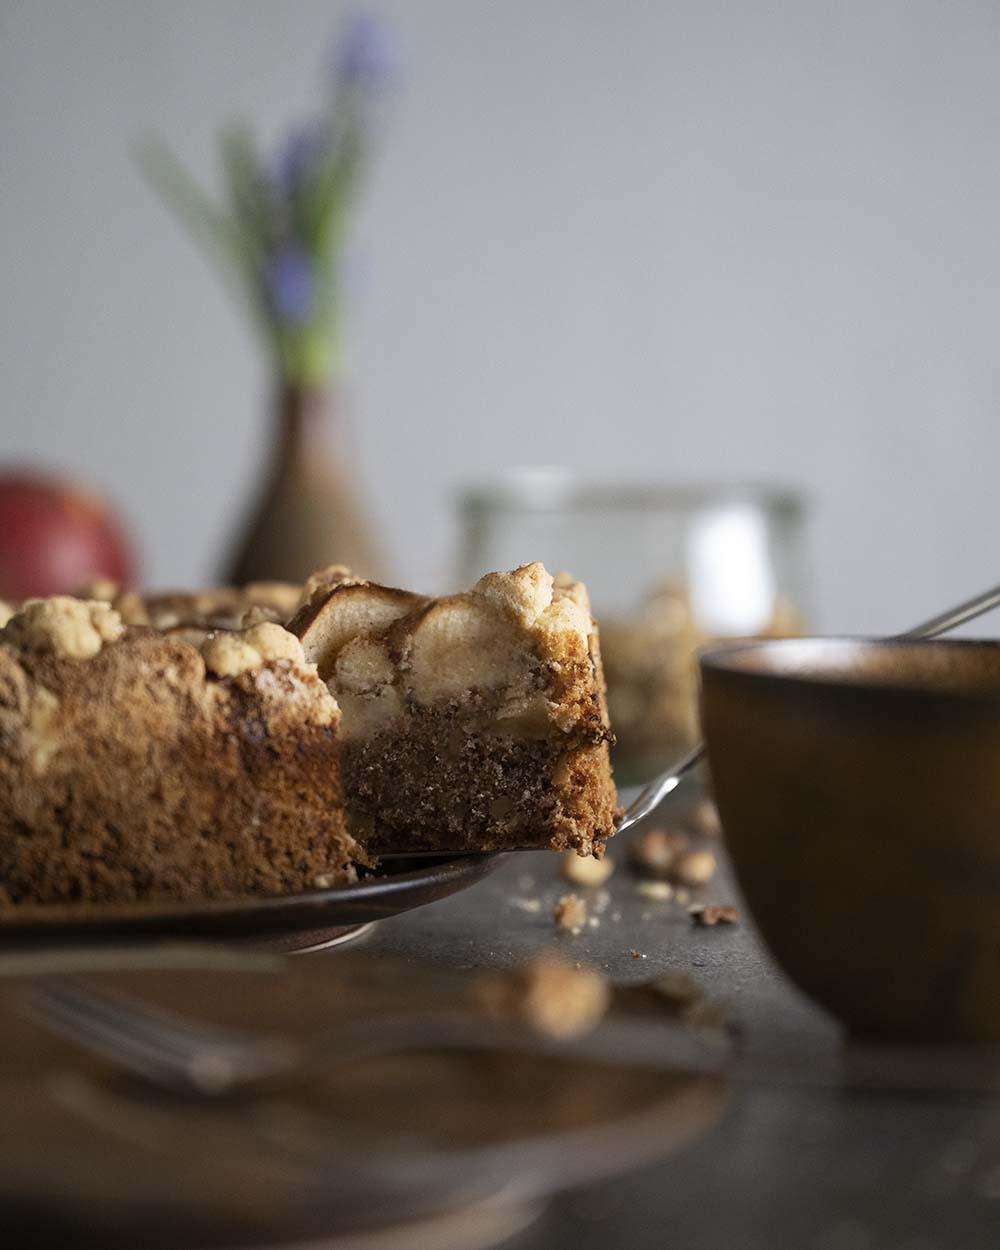 Unseren Streuselkuchen haben wir mit einem Rührteig aus Walnüssen gebacken. Im Anschnitt ist der Boden zu sehen, darauf liegen ganze Äpfel und Streusel.